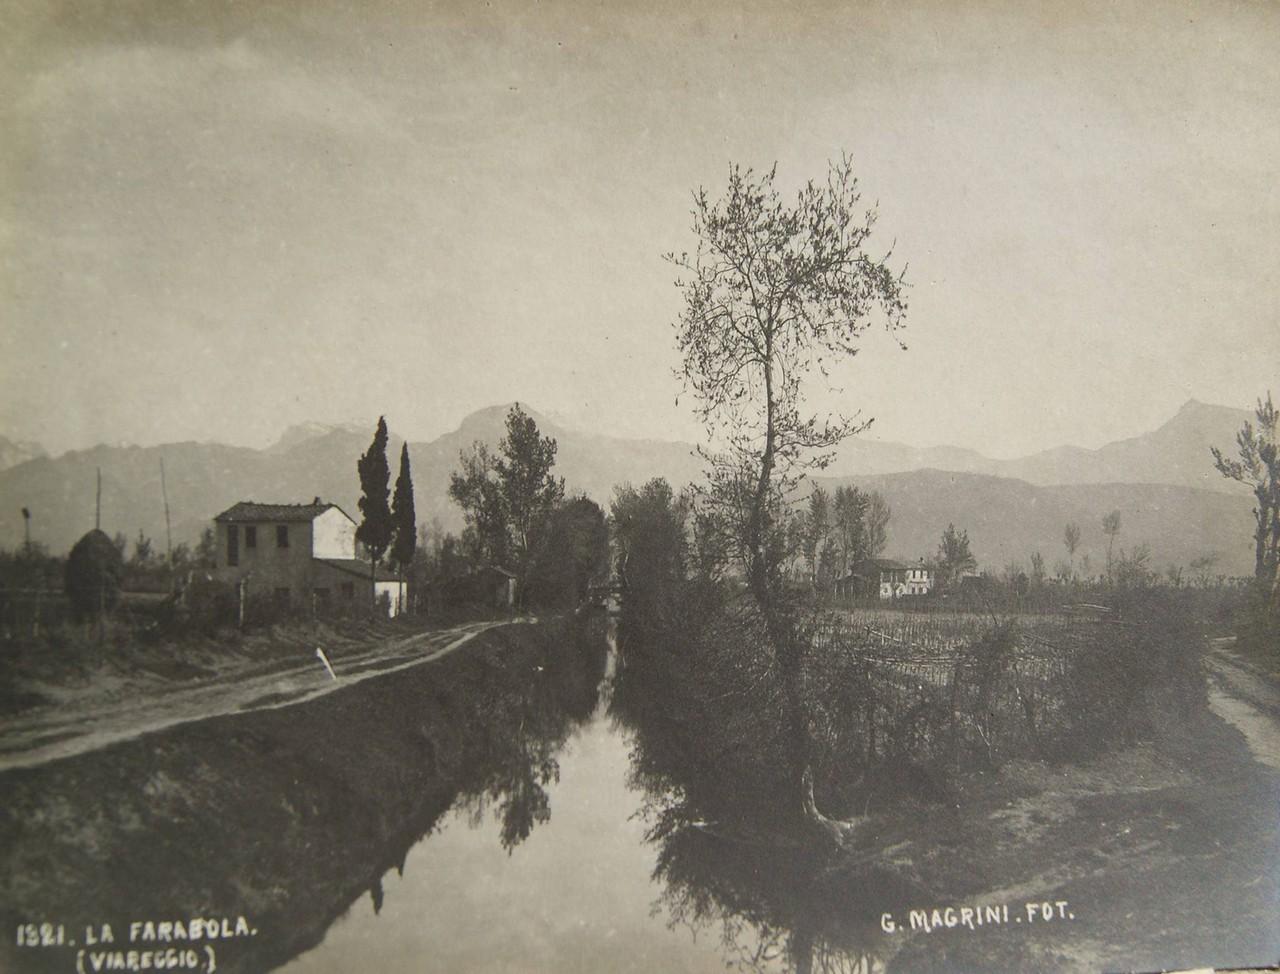 Il Fosso Farabola nel 1921